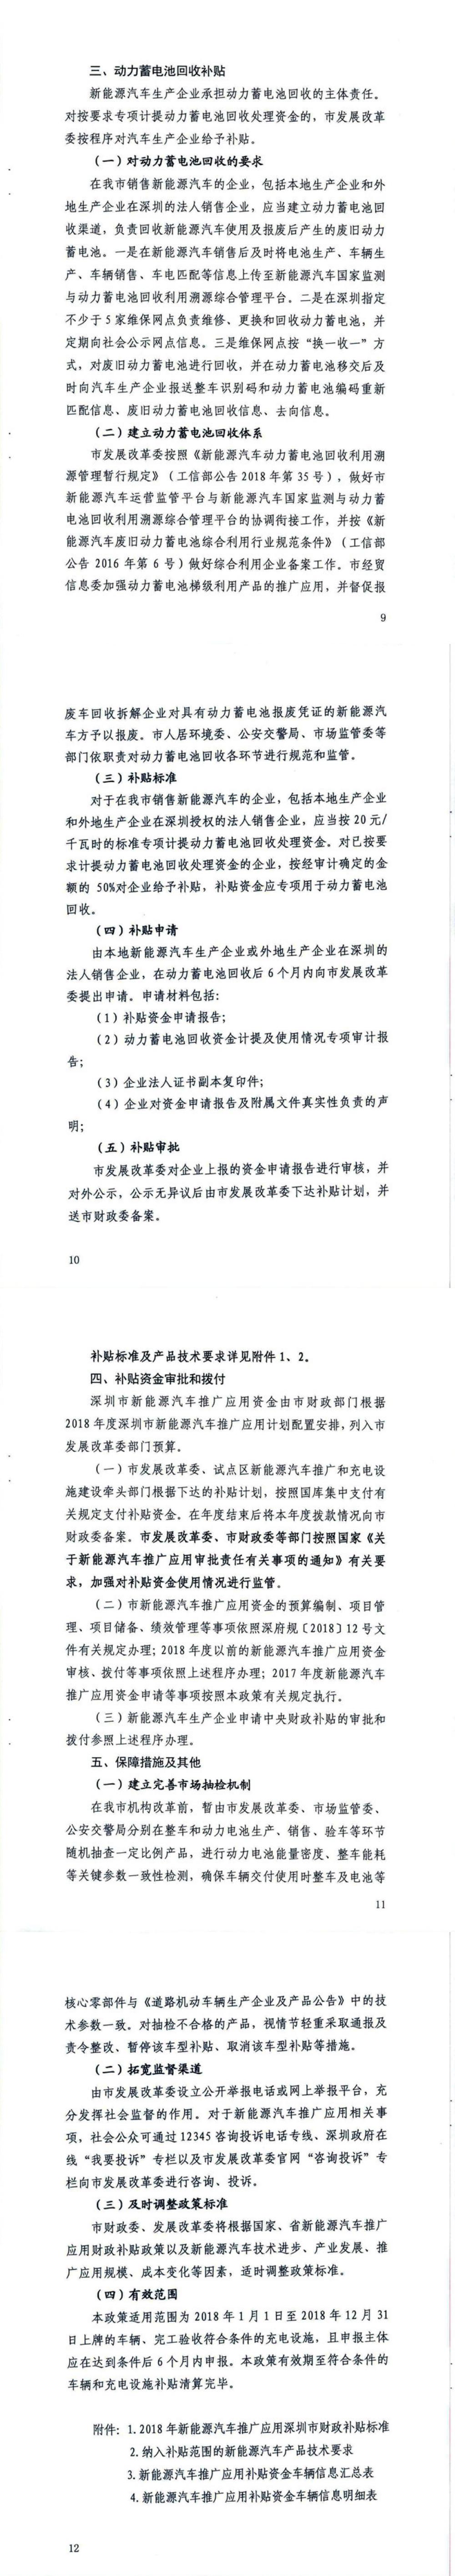 深圳2018年新能源汽车地补标准发布 分为三个阶段